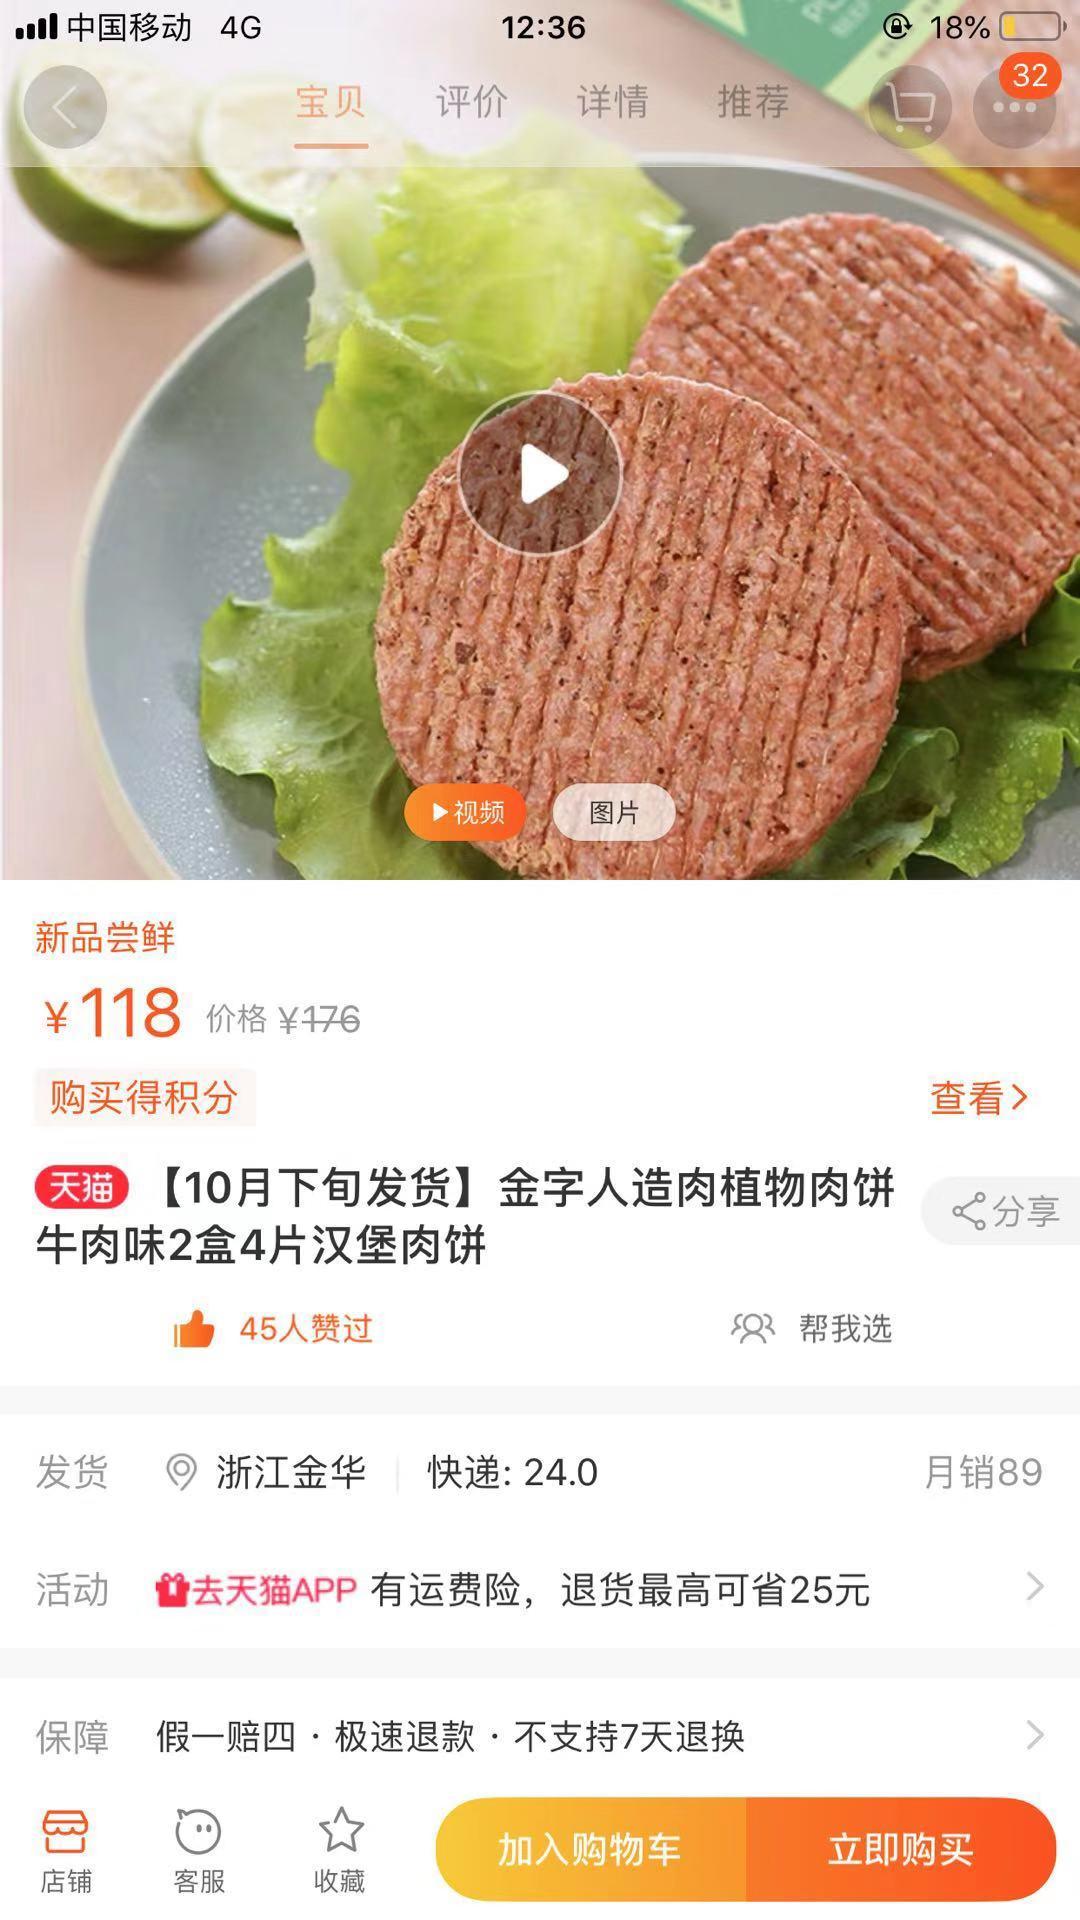 http://www.shangoudaohang.com/kuaixun/218971.html